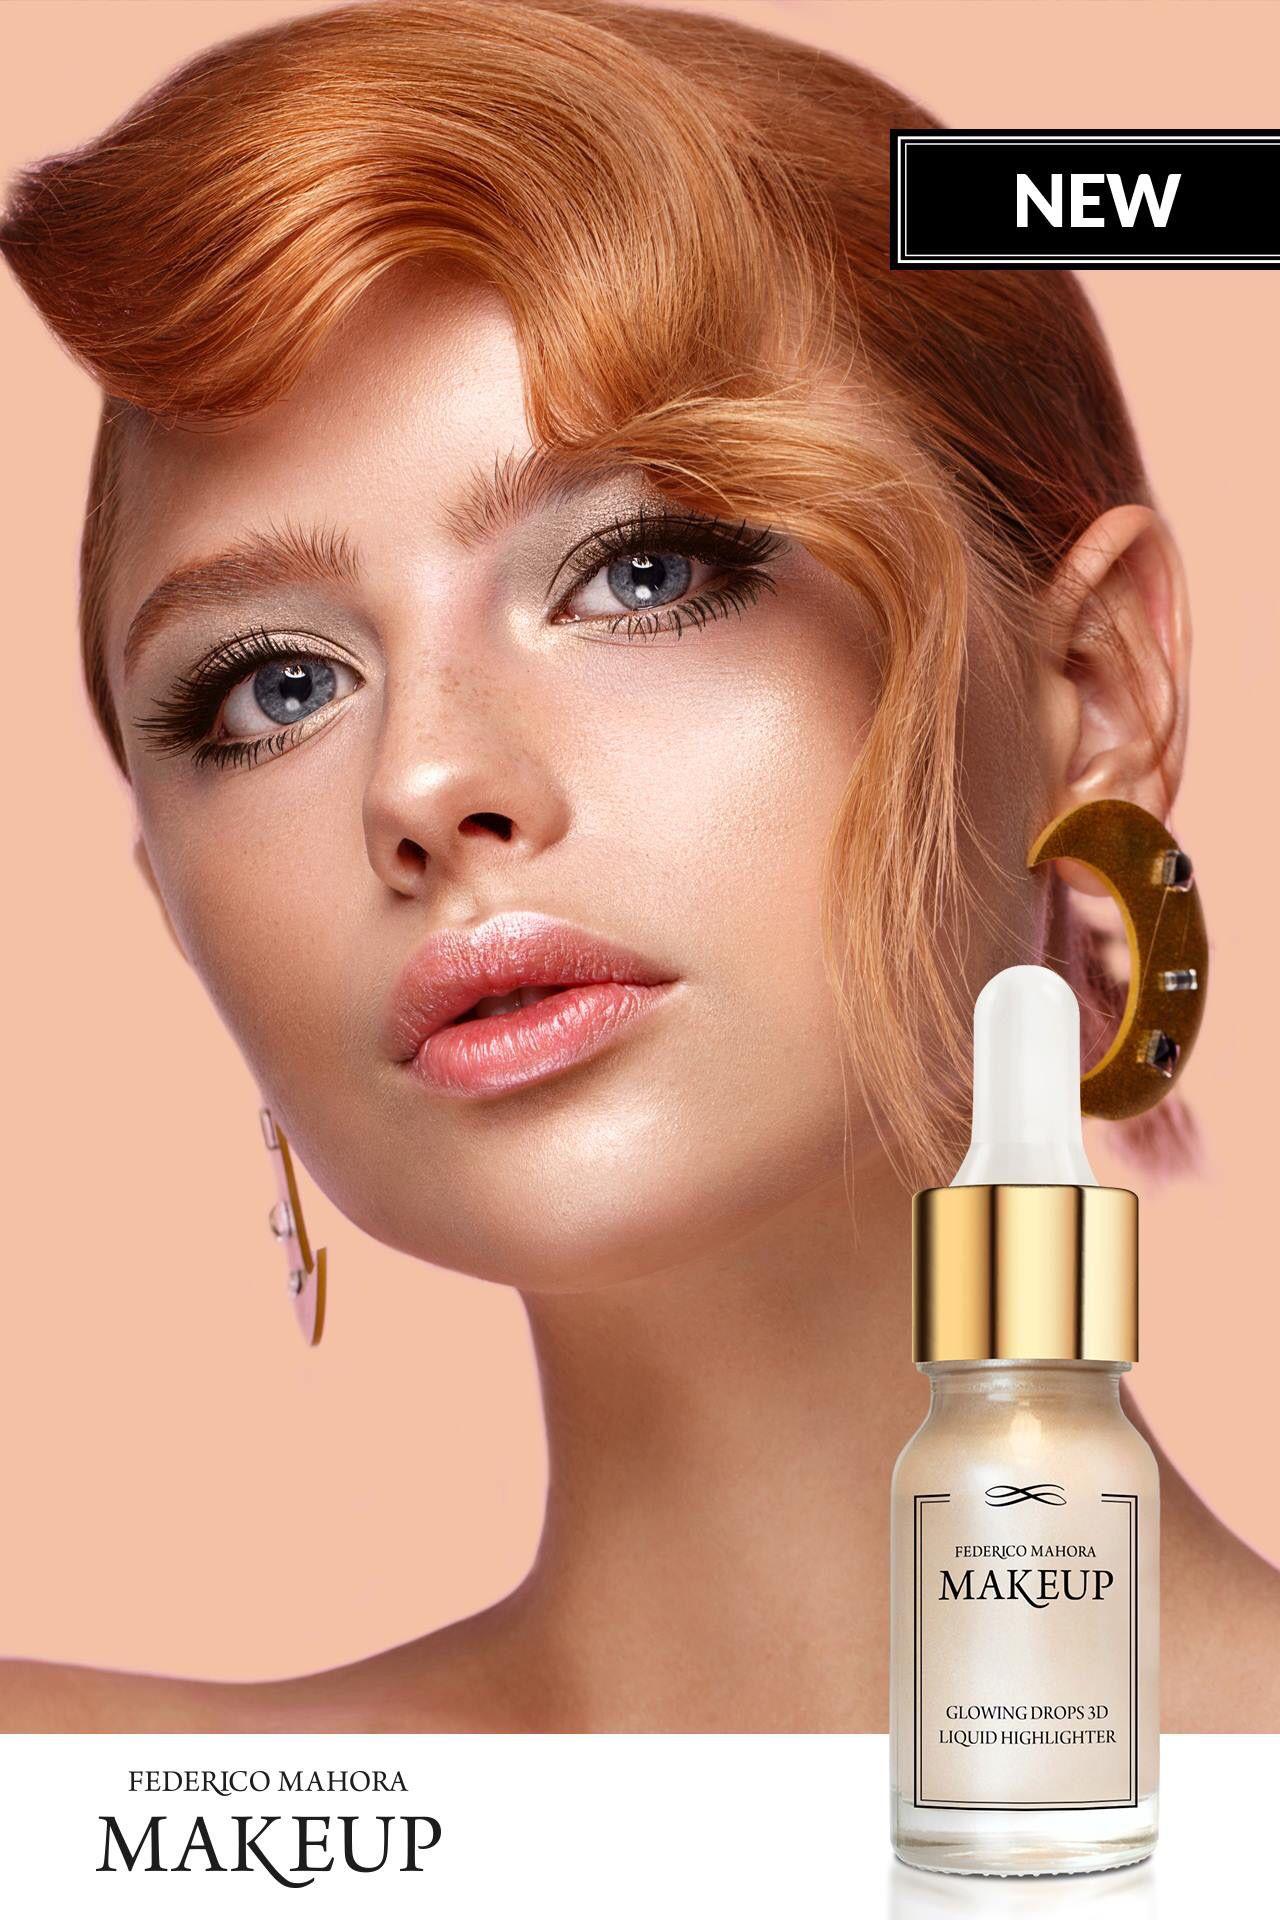 highlighter mua makeup makeuplooks Liquid